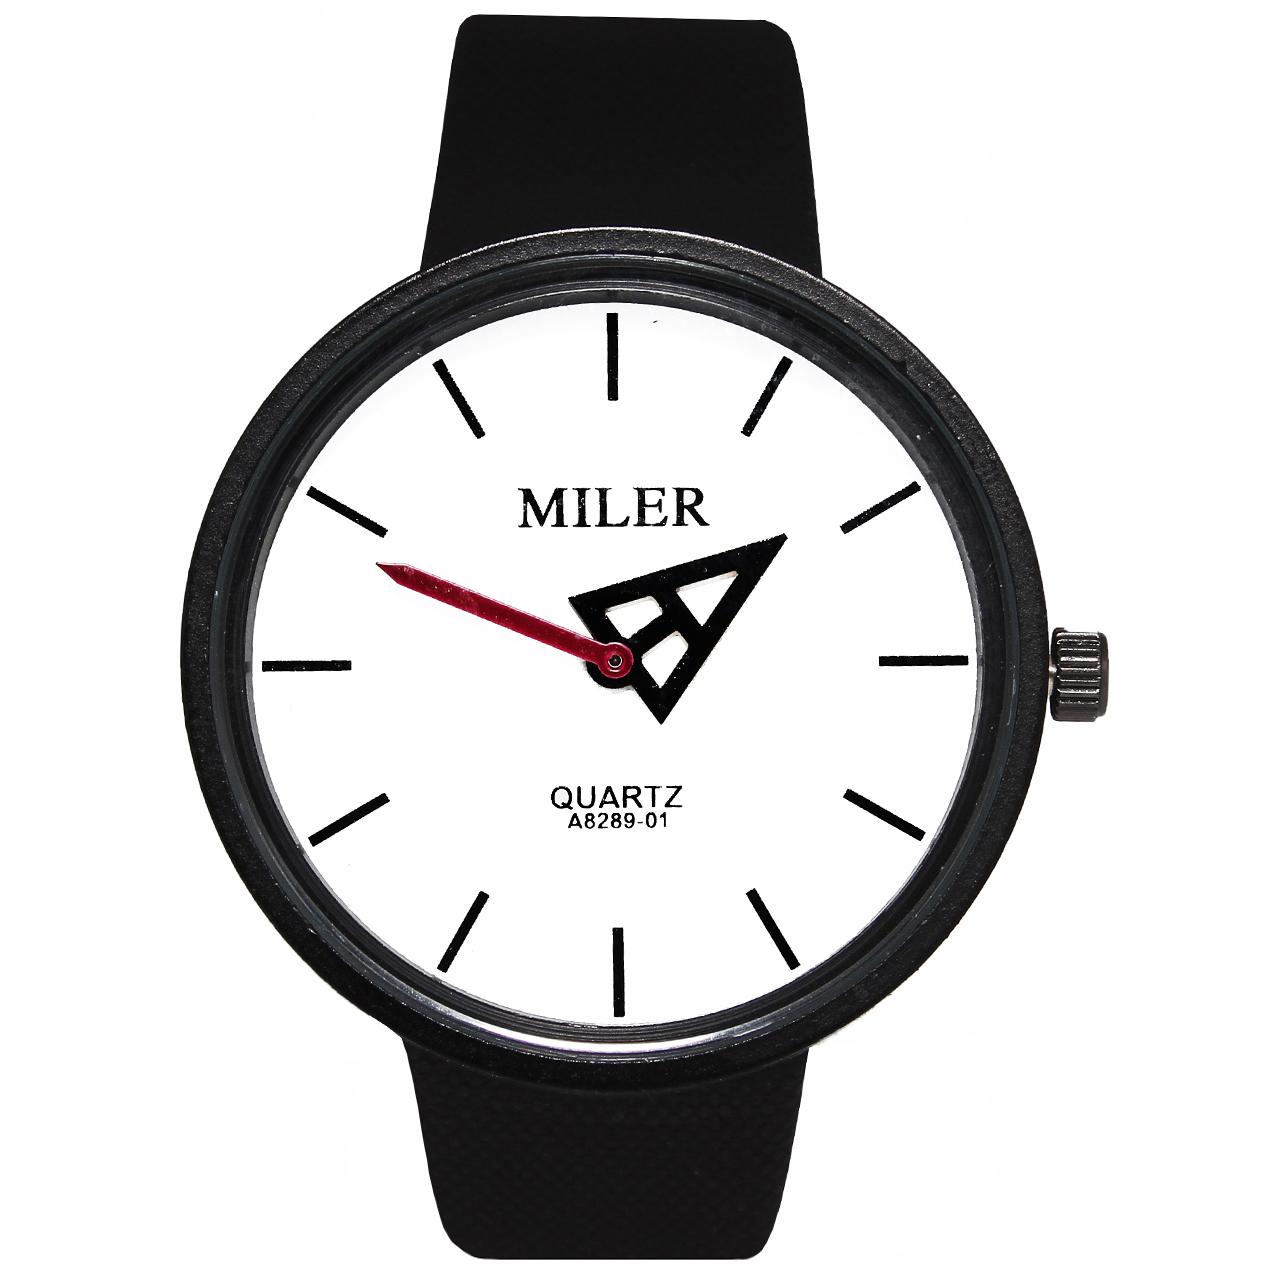 ساعت مچی عقربه ای مردانه و زنانه میلر مدل P4-21 11